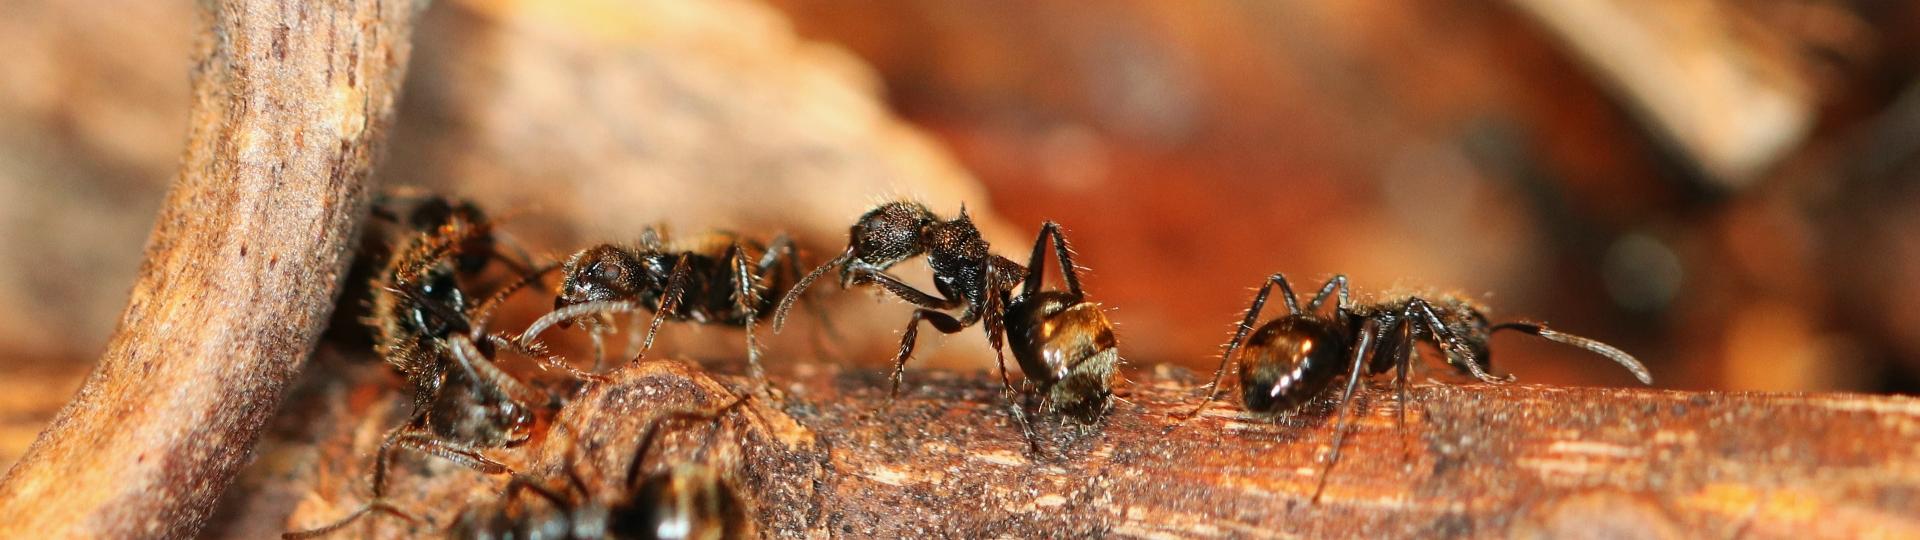 Dolichoderus bispinosus 10 mehrere Arbeiterinnen 03